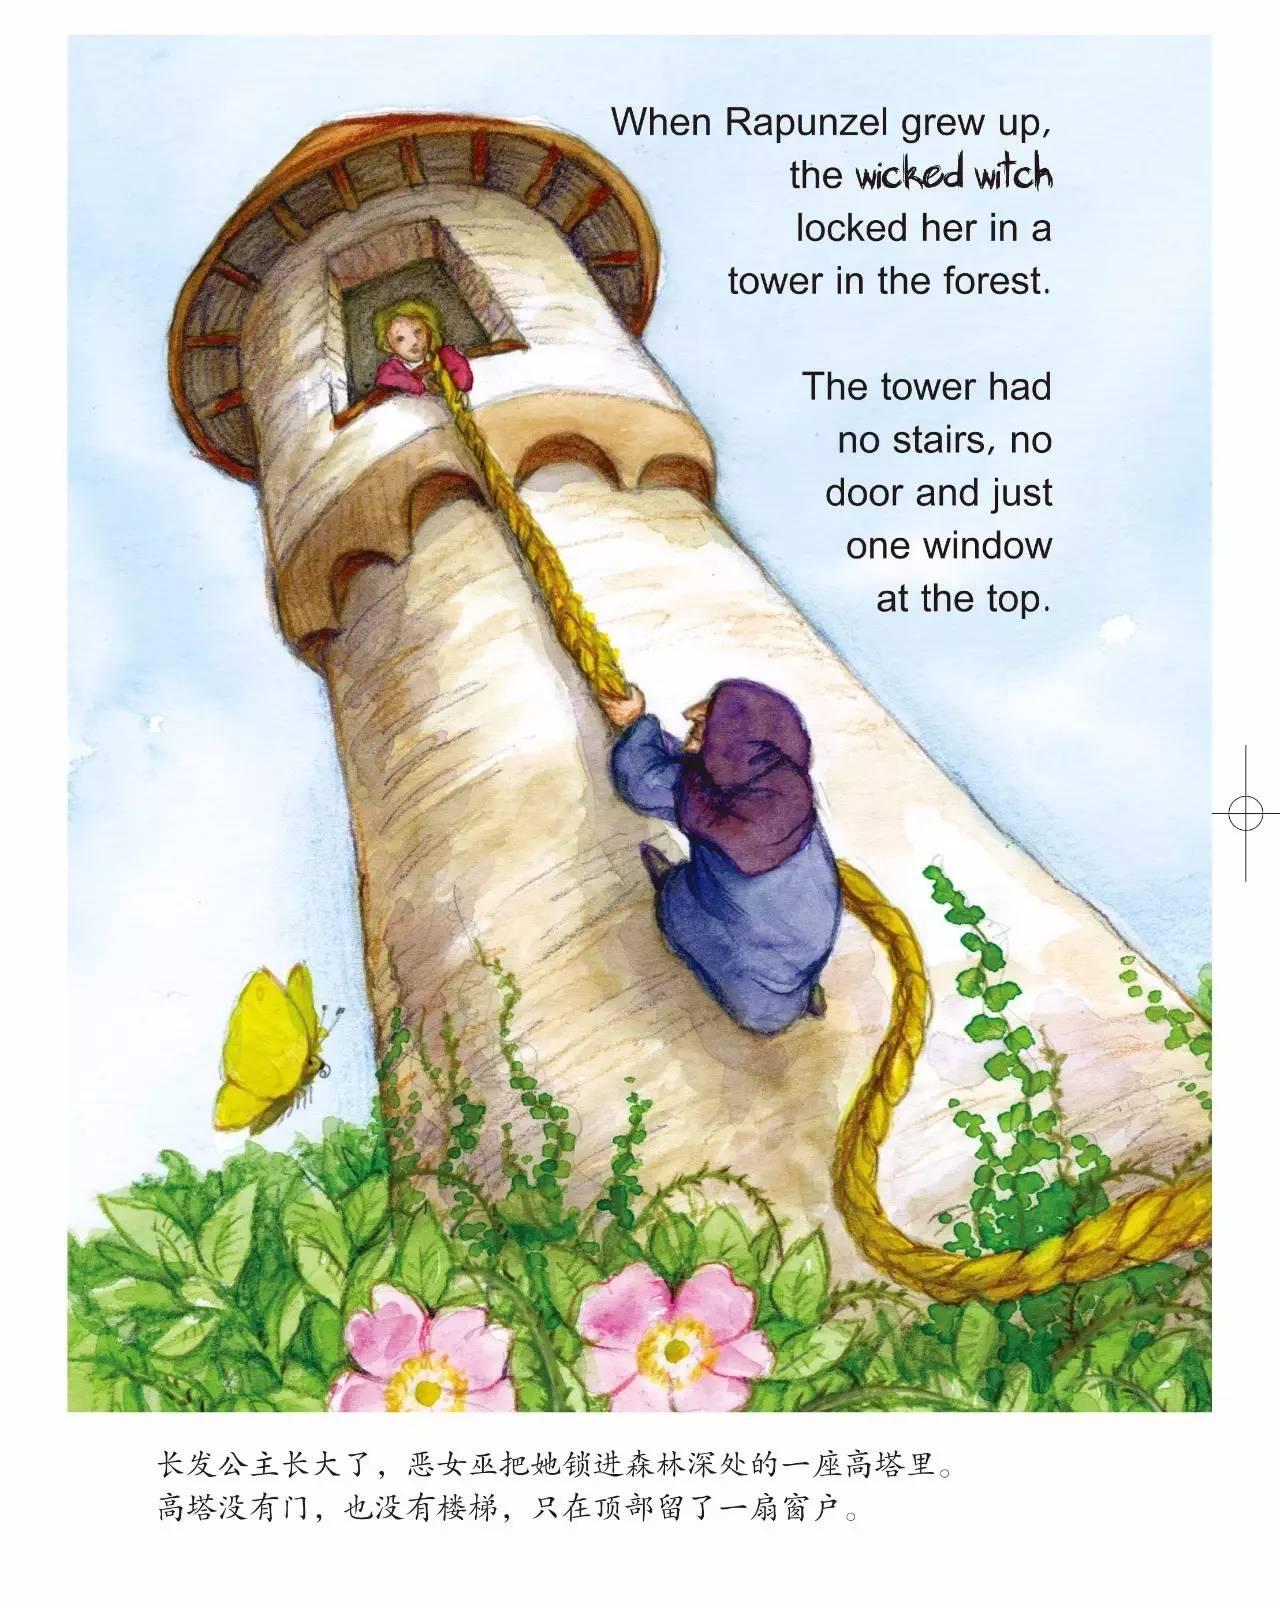 睡前故事|154.长发公主—那些年我们读过的童话系列图片